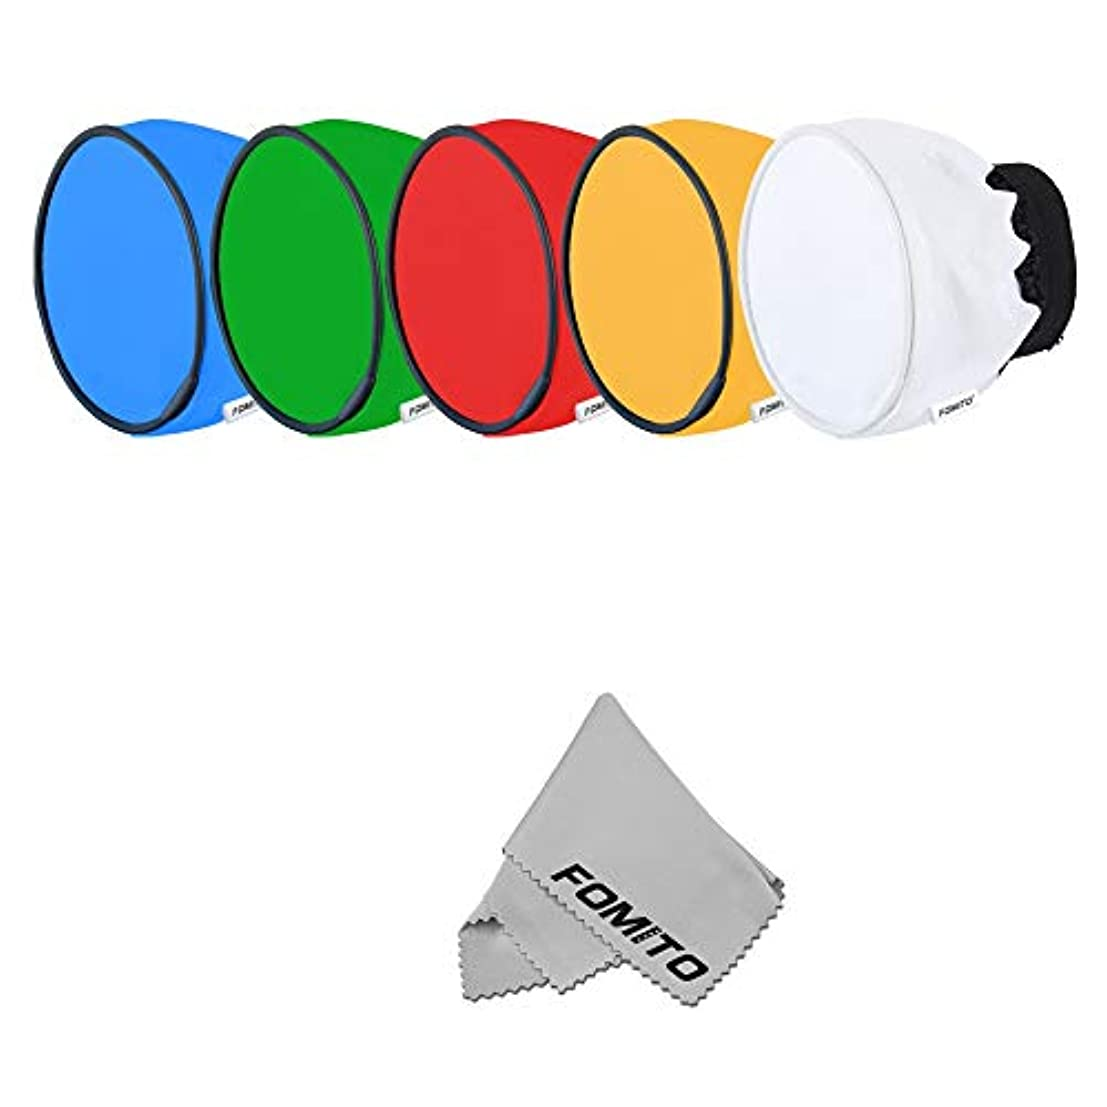 十分なトロリーバスデータベースFOMITO ディフューザー カメラフラッシュ用ディフューザー セット品 五つ色セット品 対応機種V1 AD200